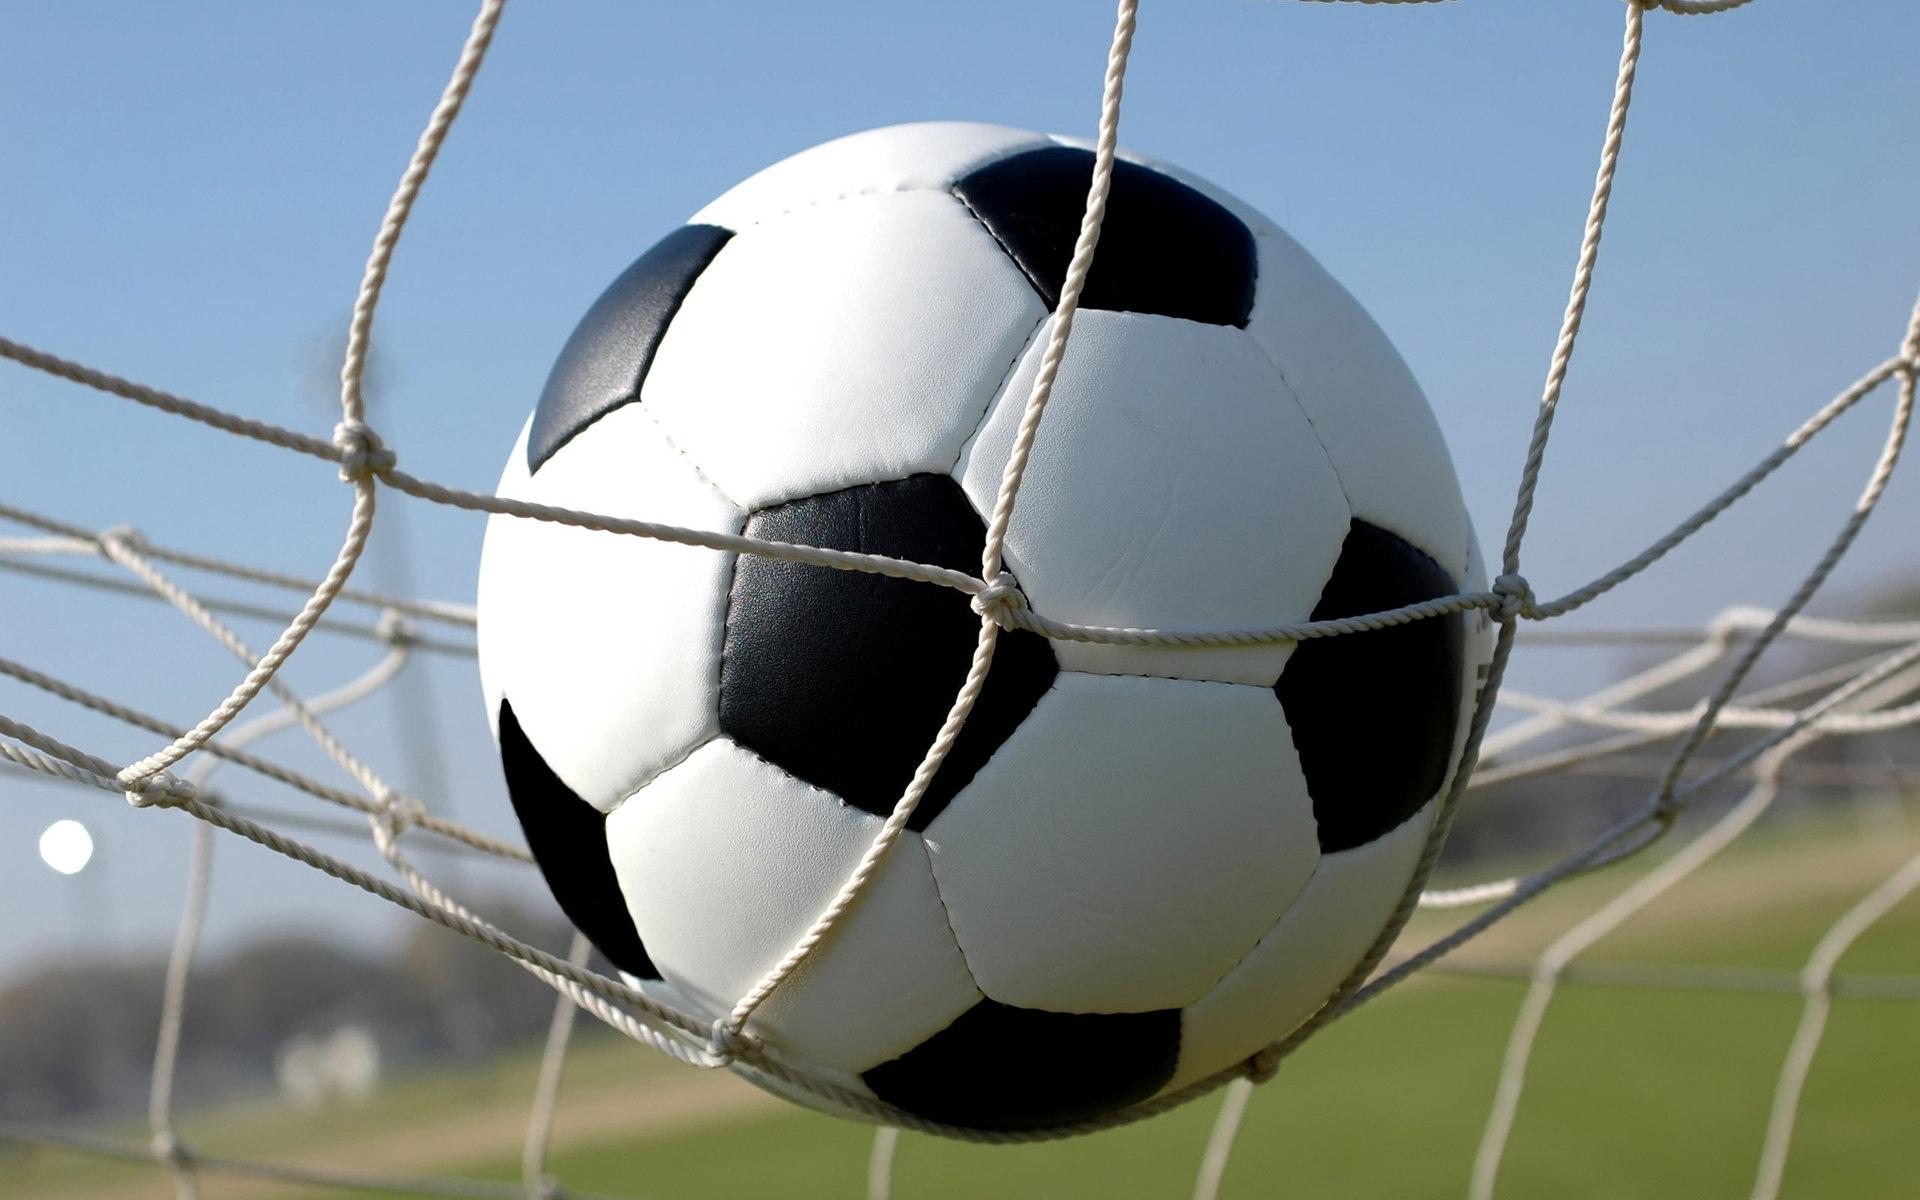 мяч в воротах, мяч в сетки, футбольные обои, футбол